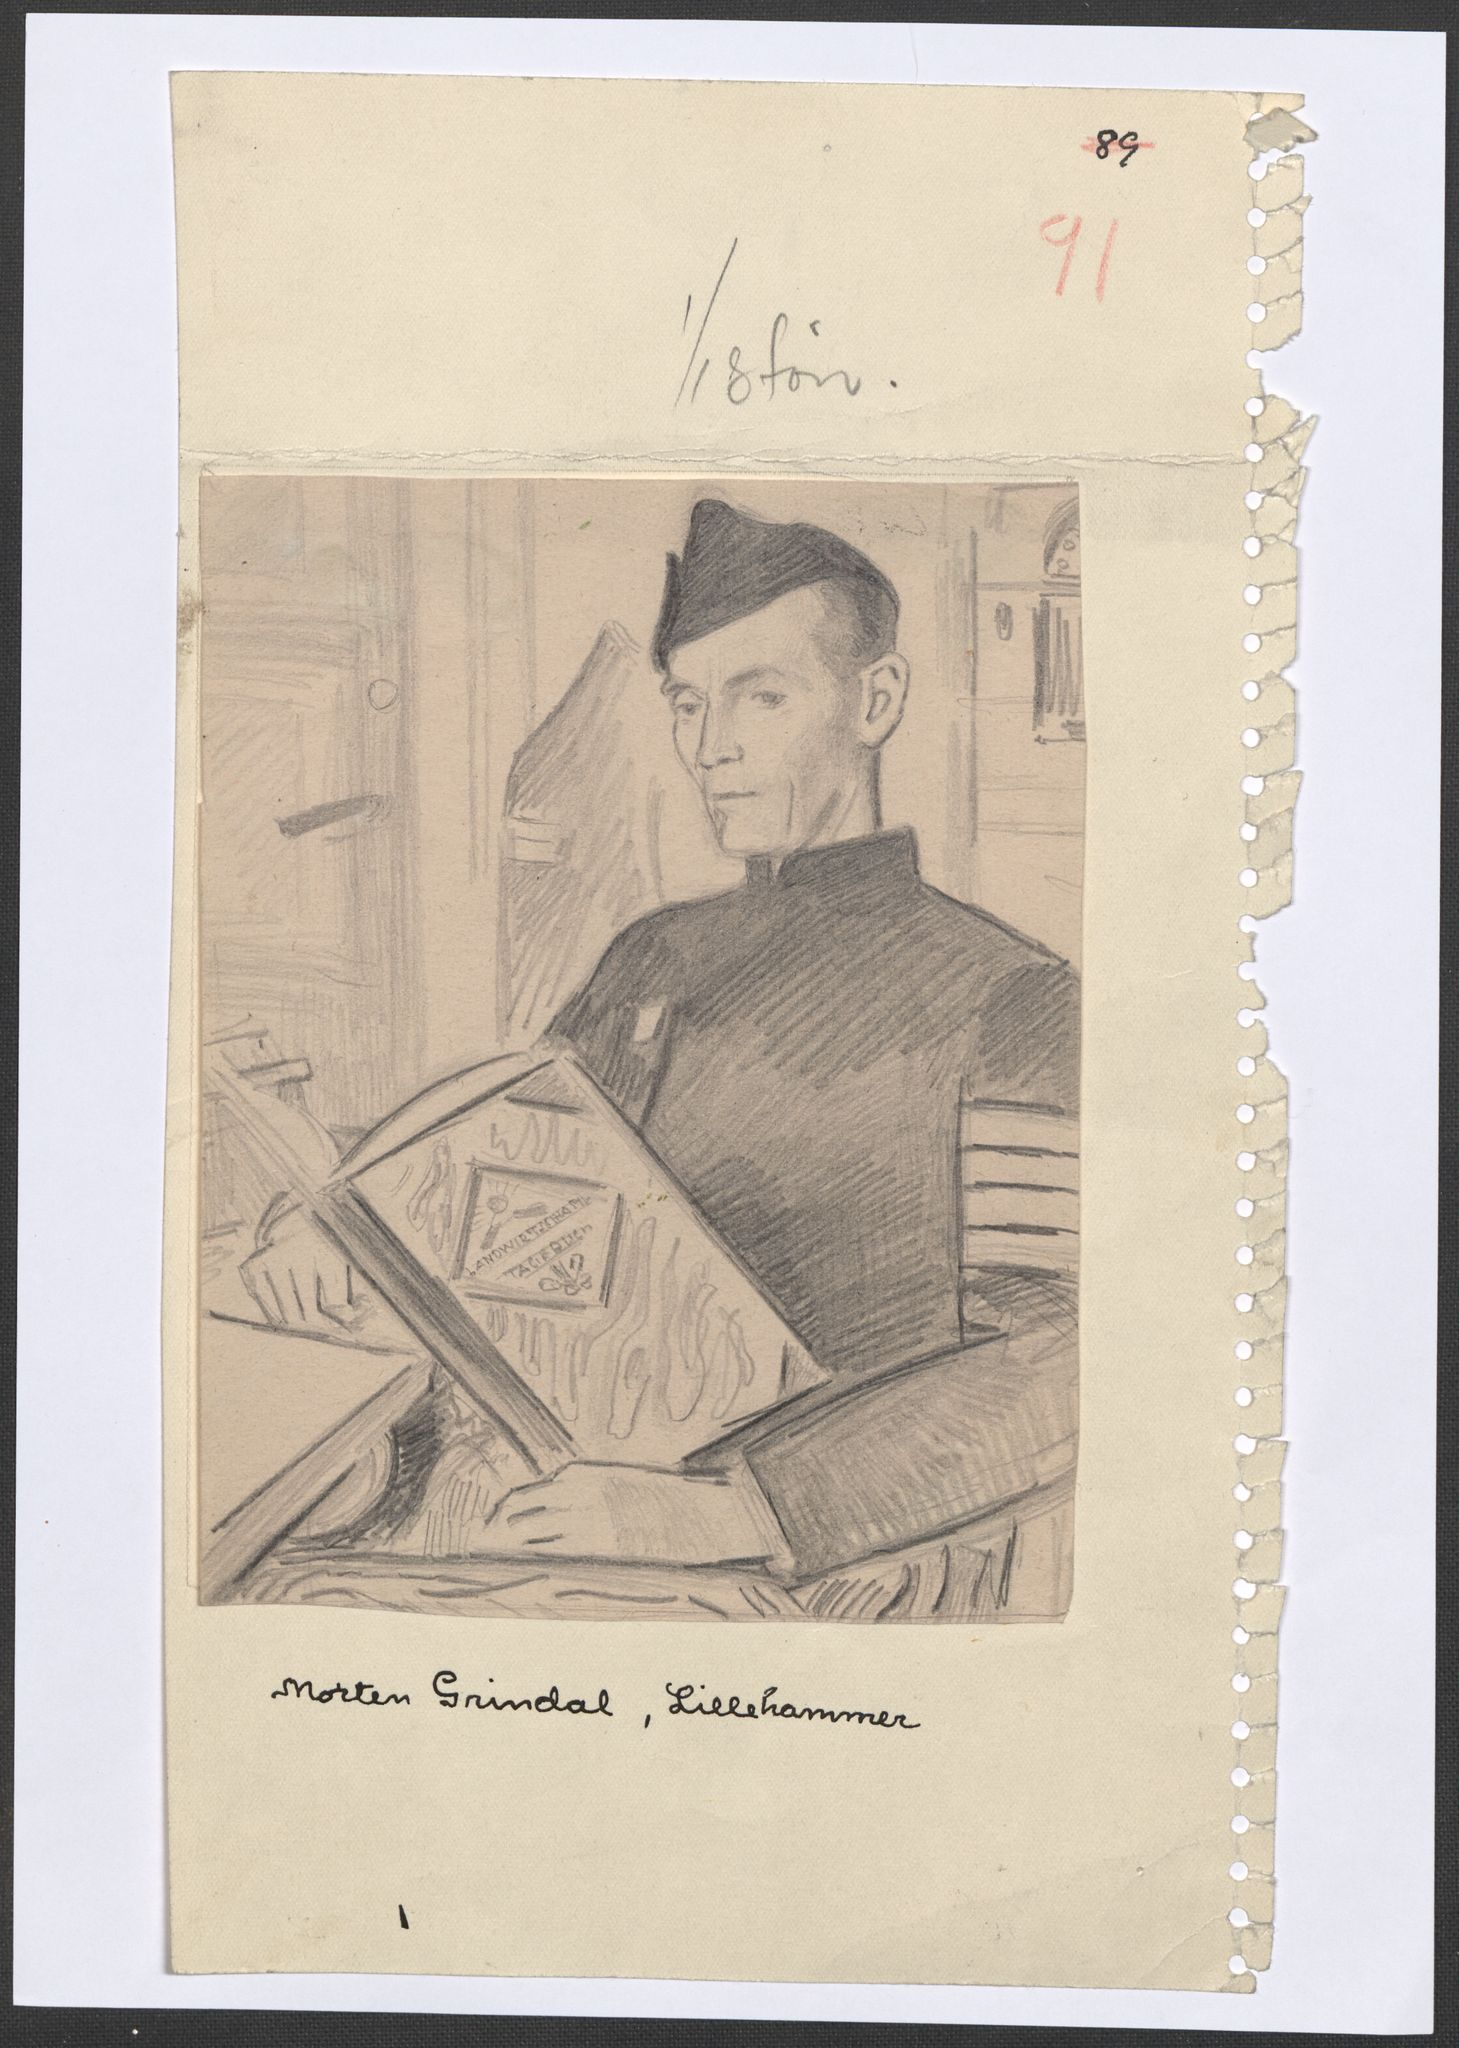 RA, Grøgaard, Joachim, F/L0002: Tegninger og tekster, 1942-1945, s. 5